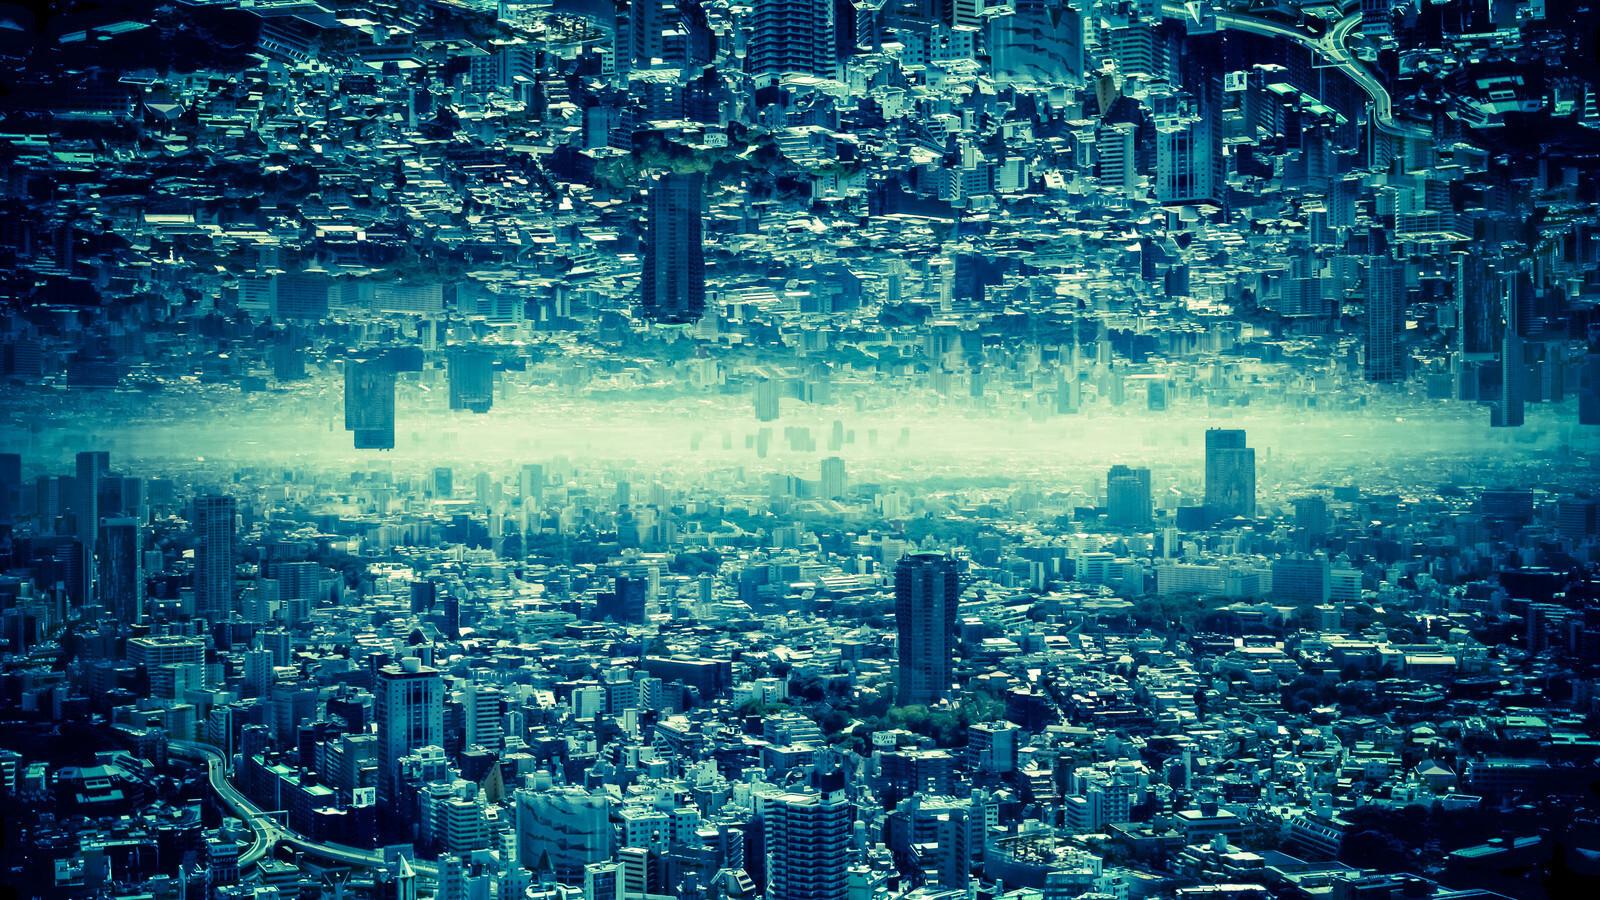 宇宙人が住んでいそうな高度な文明都市